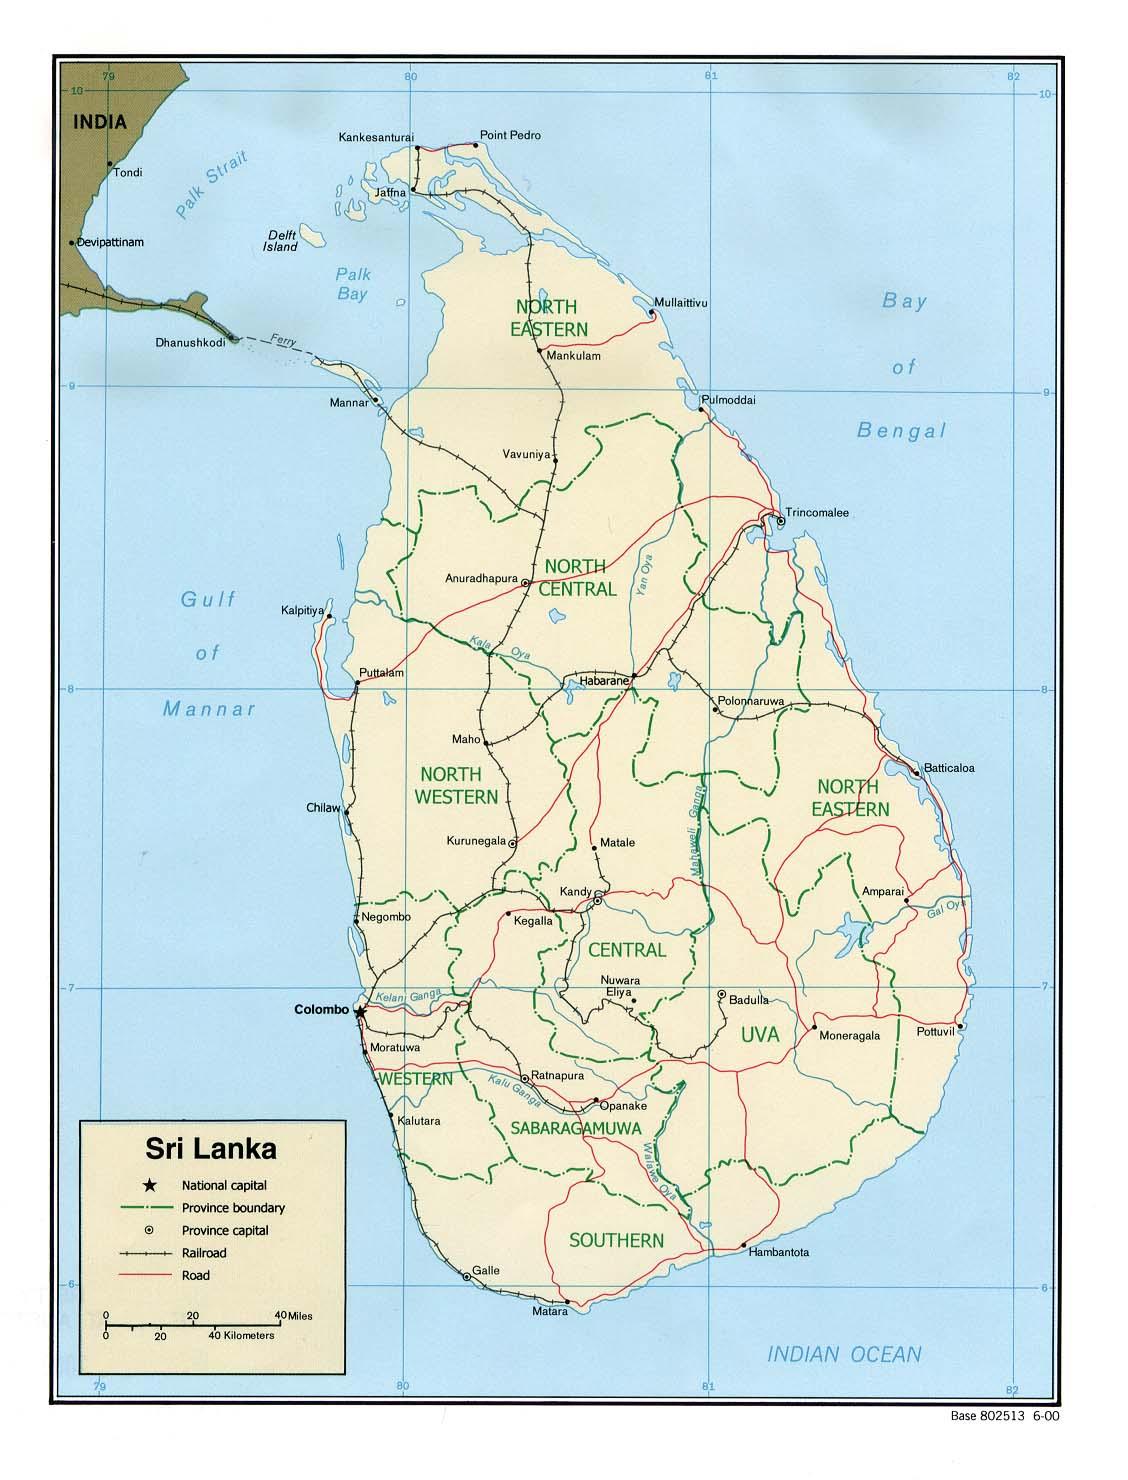 Mapa Politico de Sri Lanka